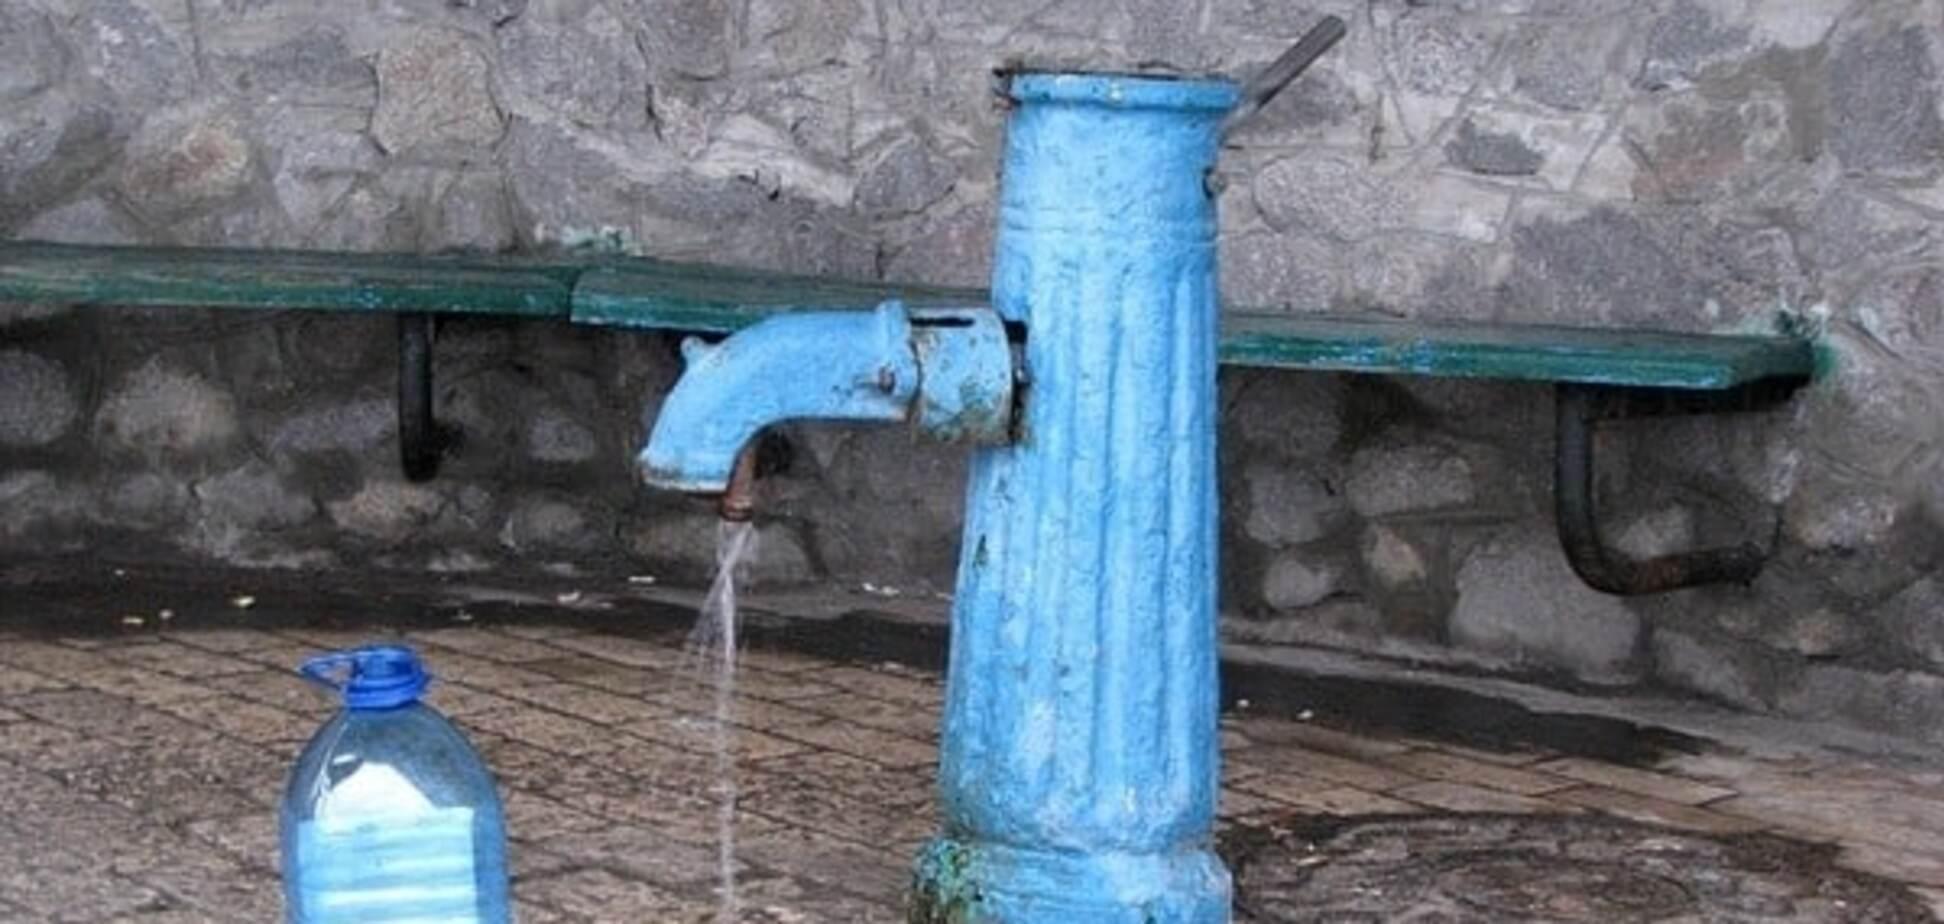 Вода із запахом: в Києві знайшли шість небезпечних бюветів